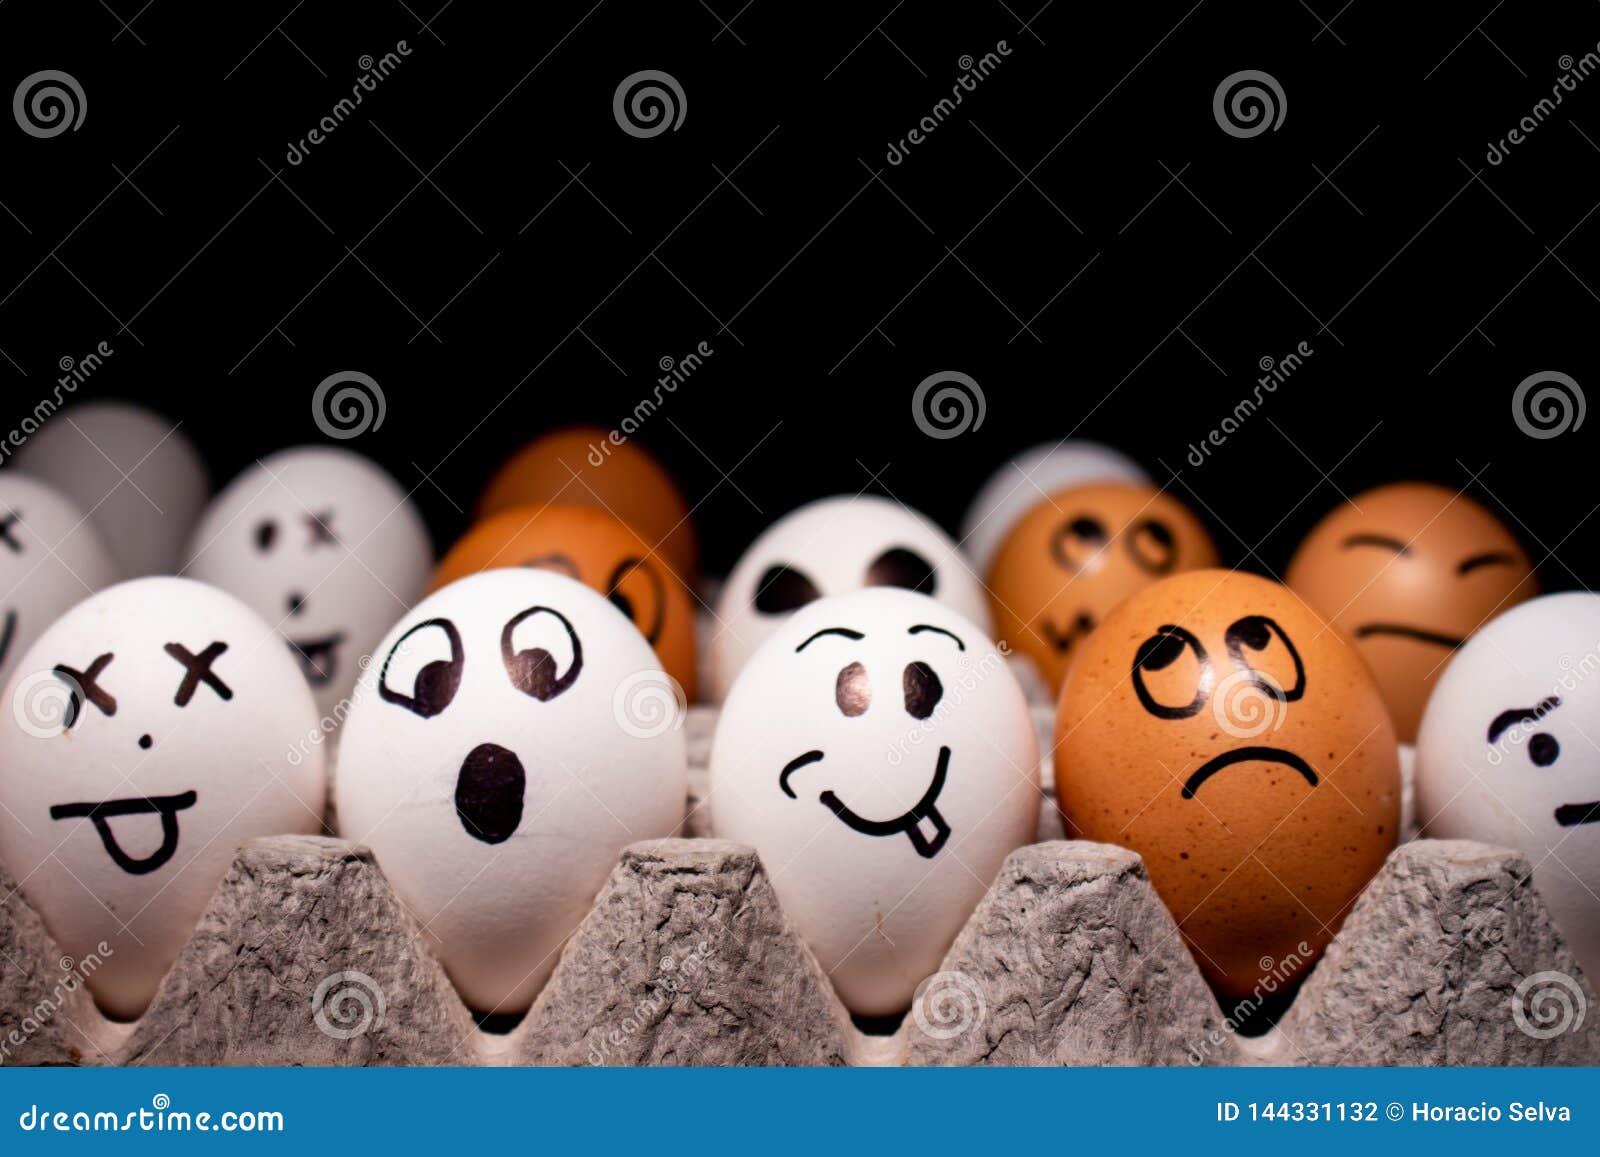 Ägg med roliga uttryck som simulerar mänskliga framsidor Begrepp av etnisk mångfald och lynnen